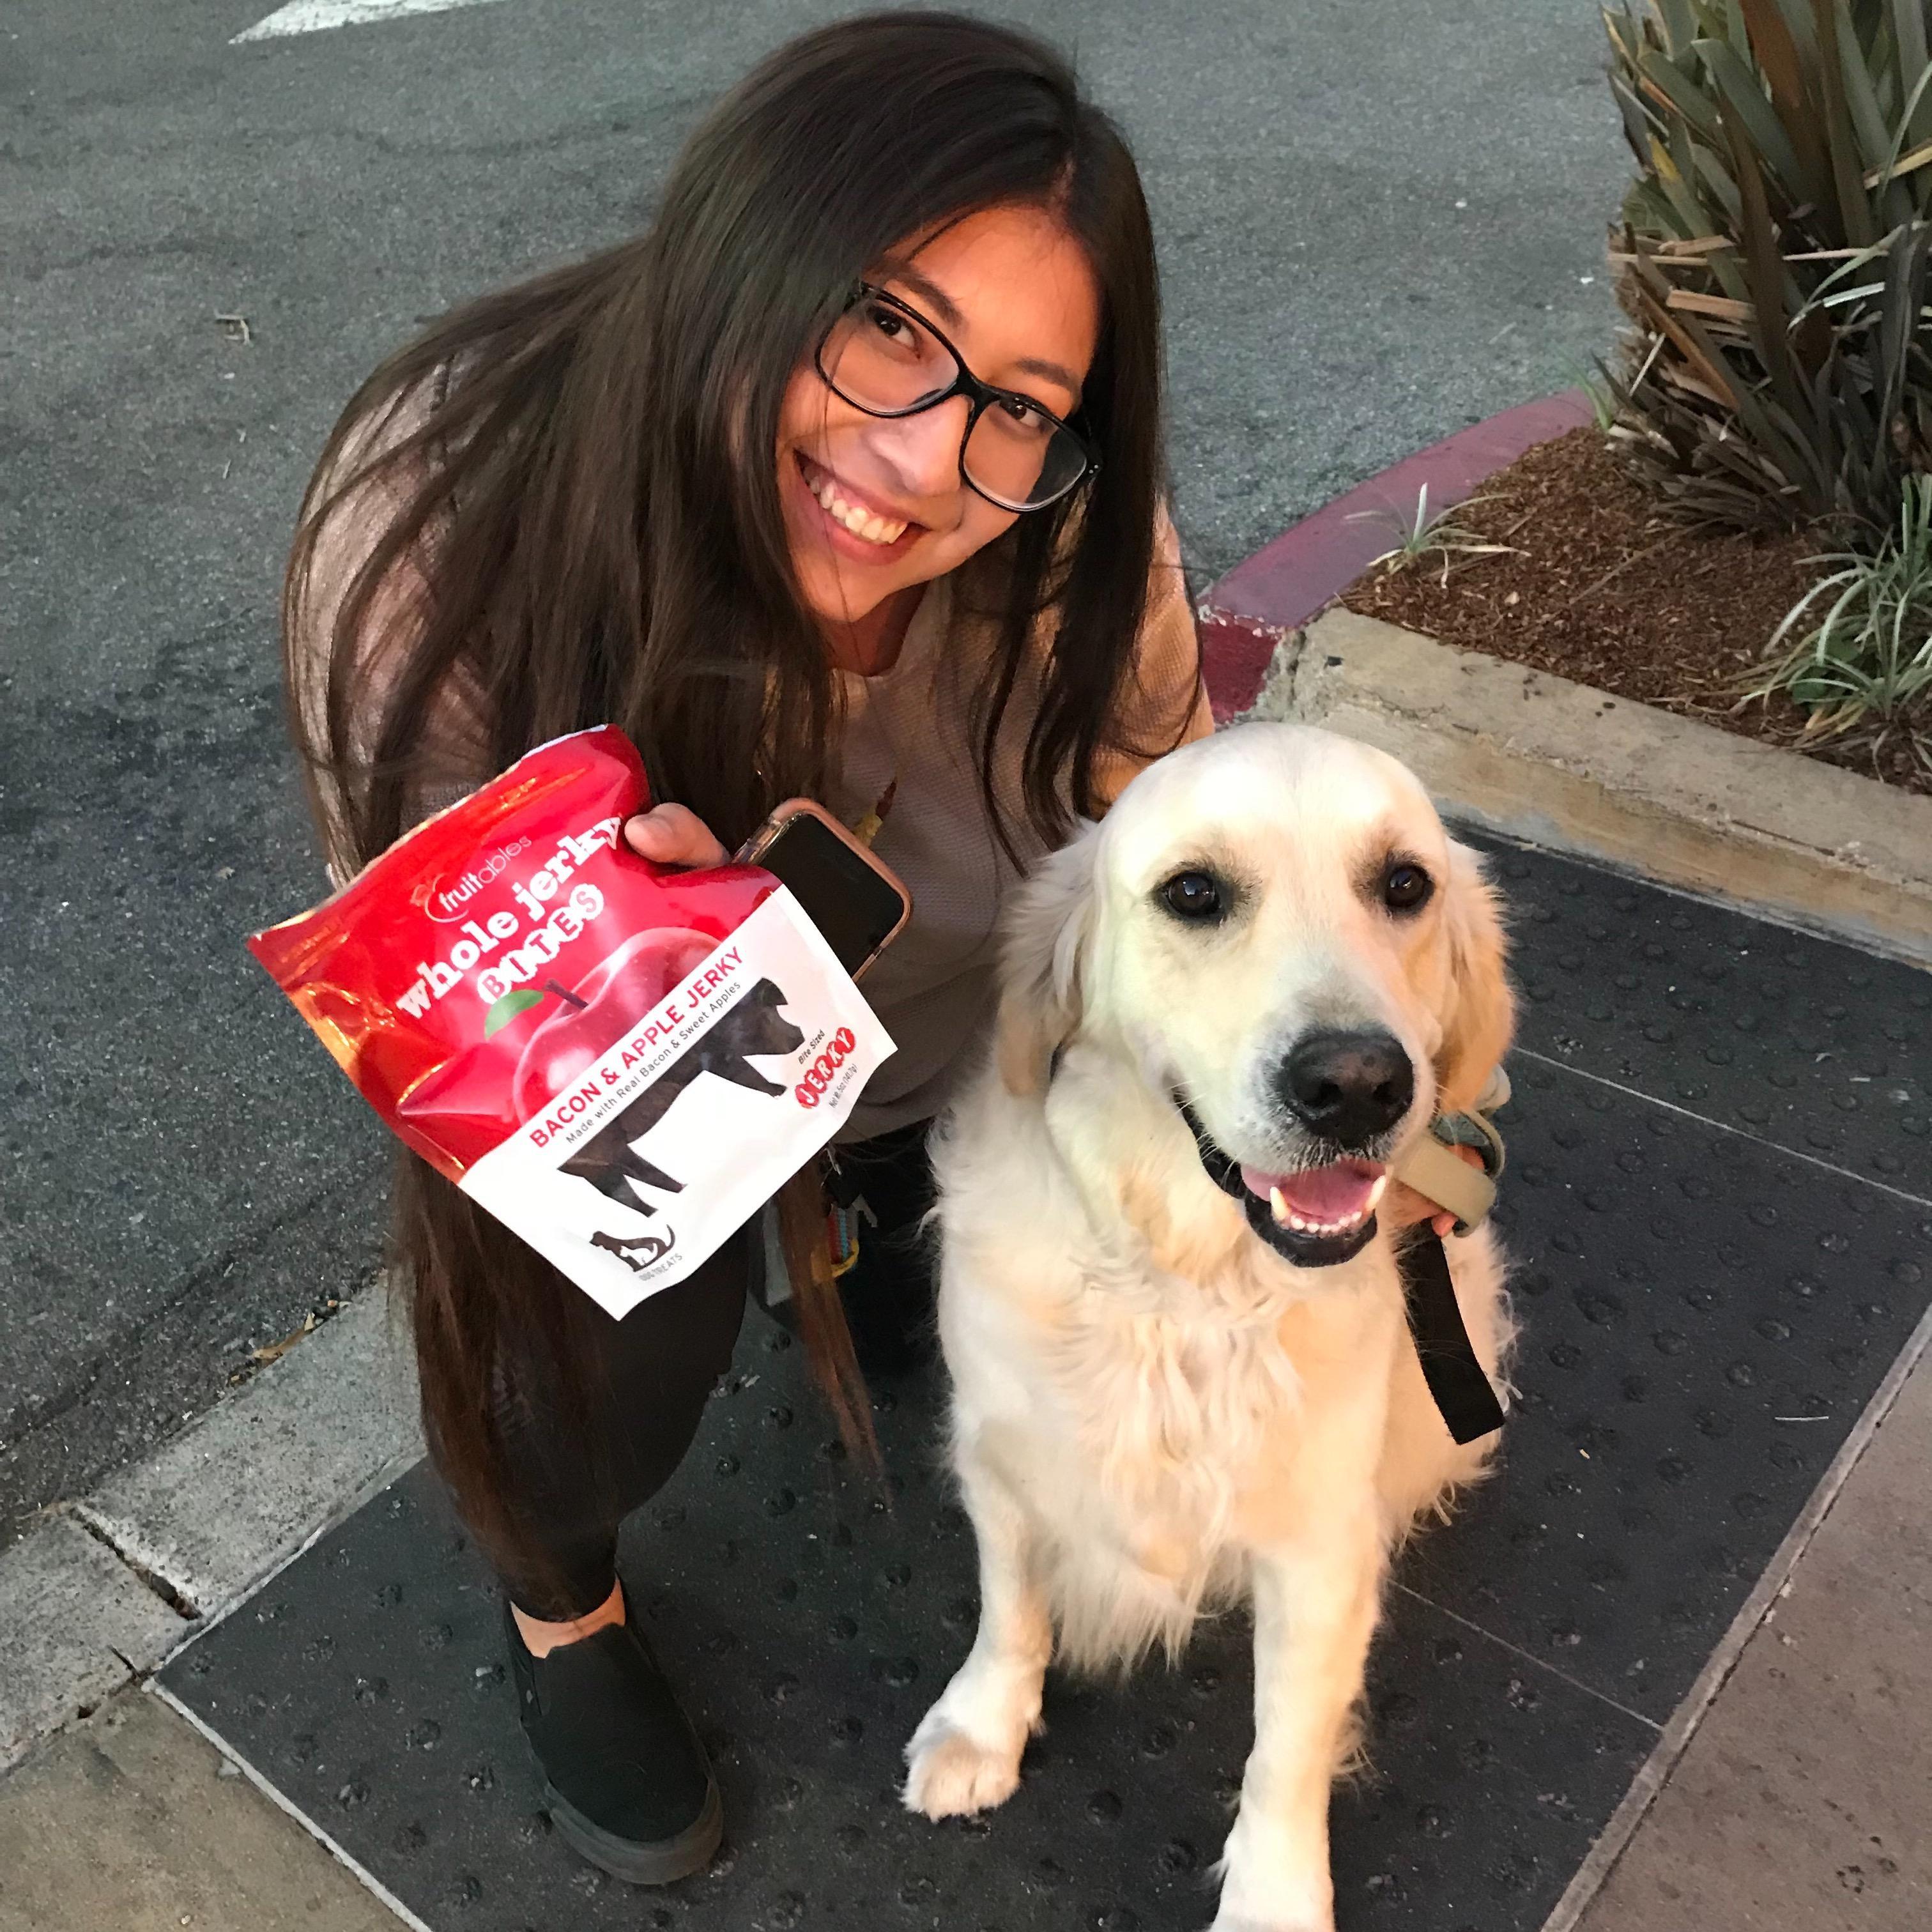 dog walker Jacqy